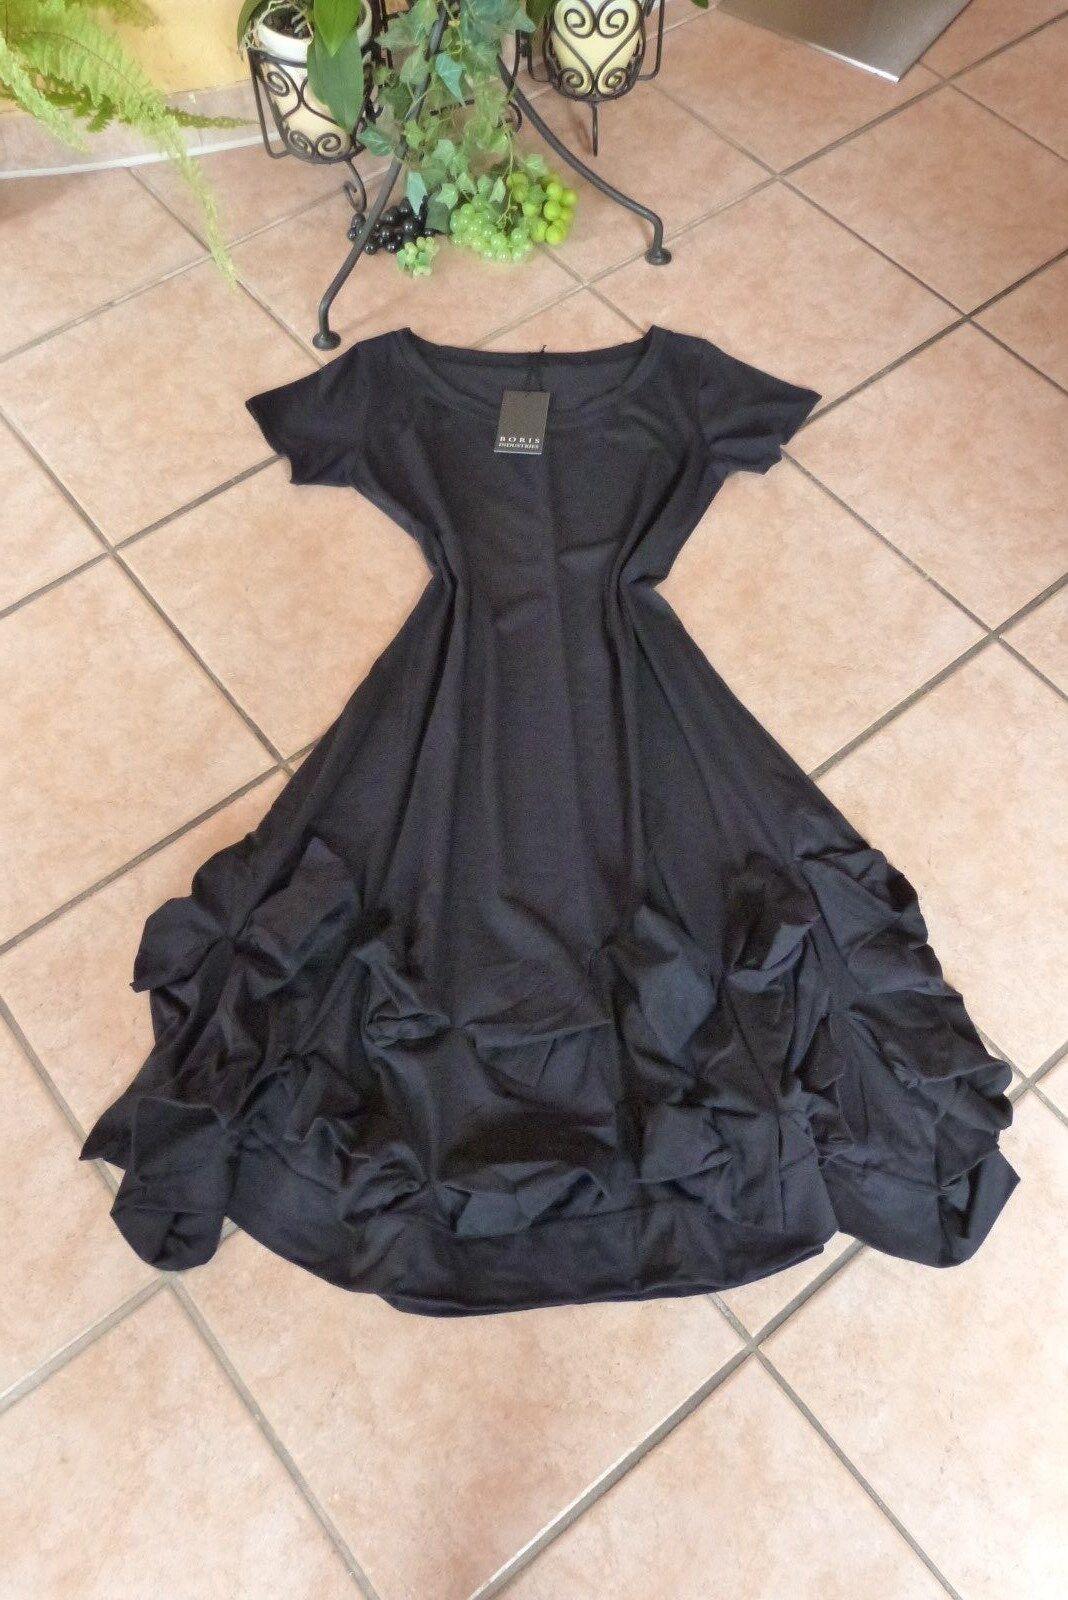 BORIS INDUSTRIES Ballon Kleid Volant 44 (3) NEU schwarz A-Form Baumw. LAGENLOOK